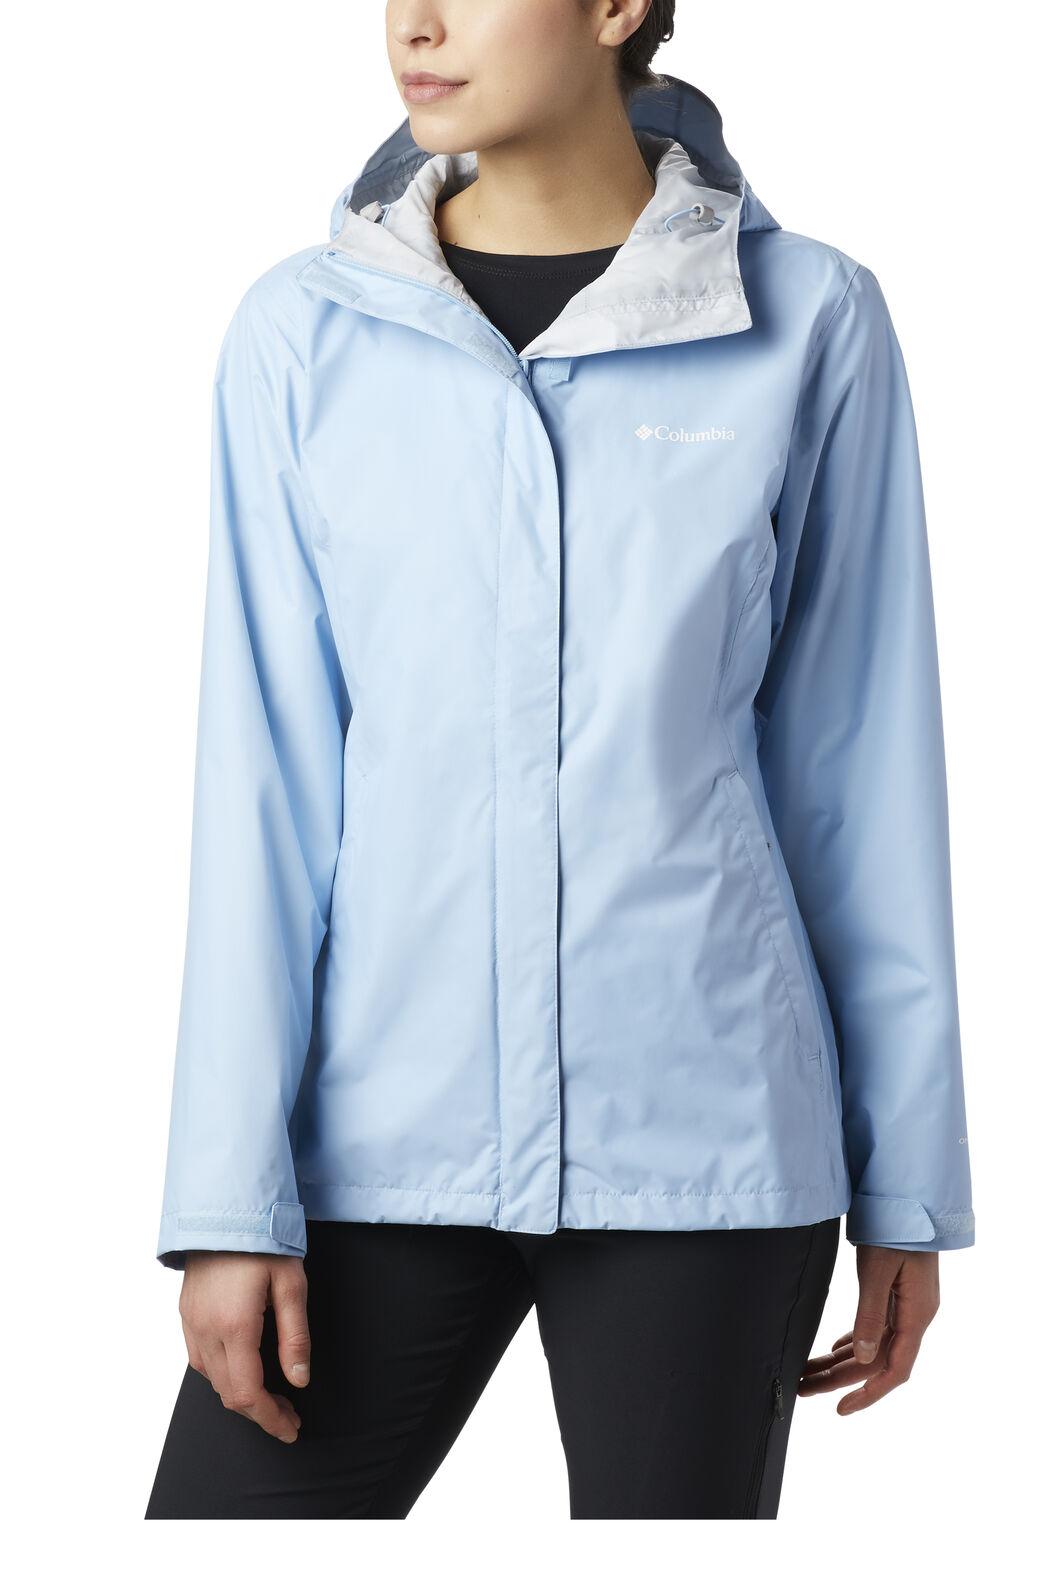 Columbia Women's Arcadia II Jacket, Crystal Blue/Cirrus Grey, hi-res